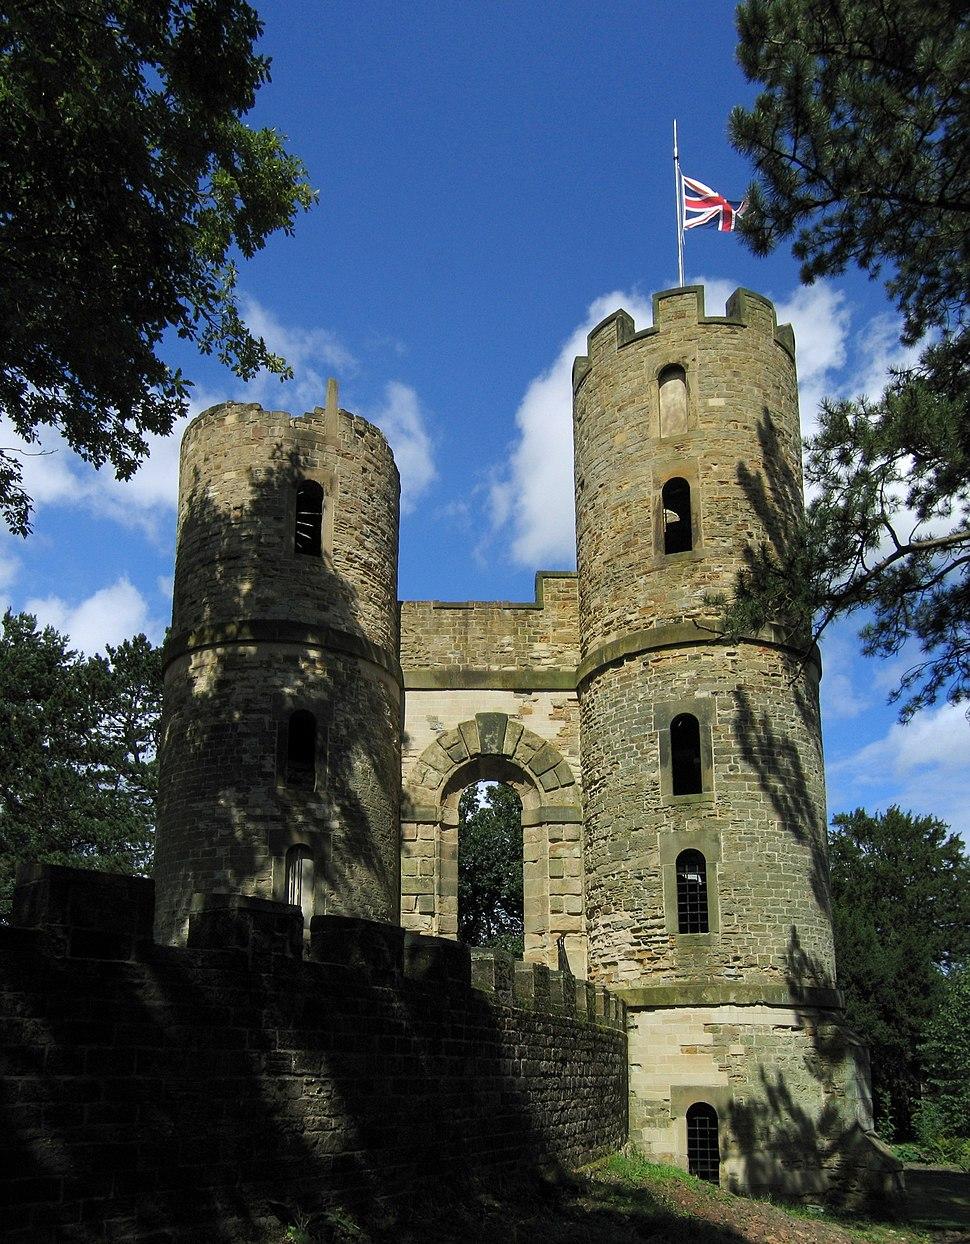 Stainborough Castle01 bright 2007-08-13